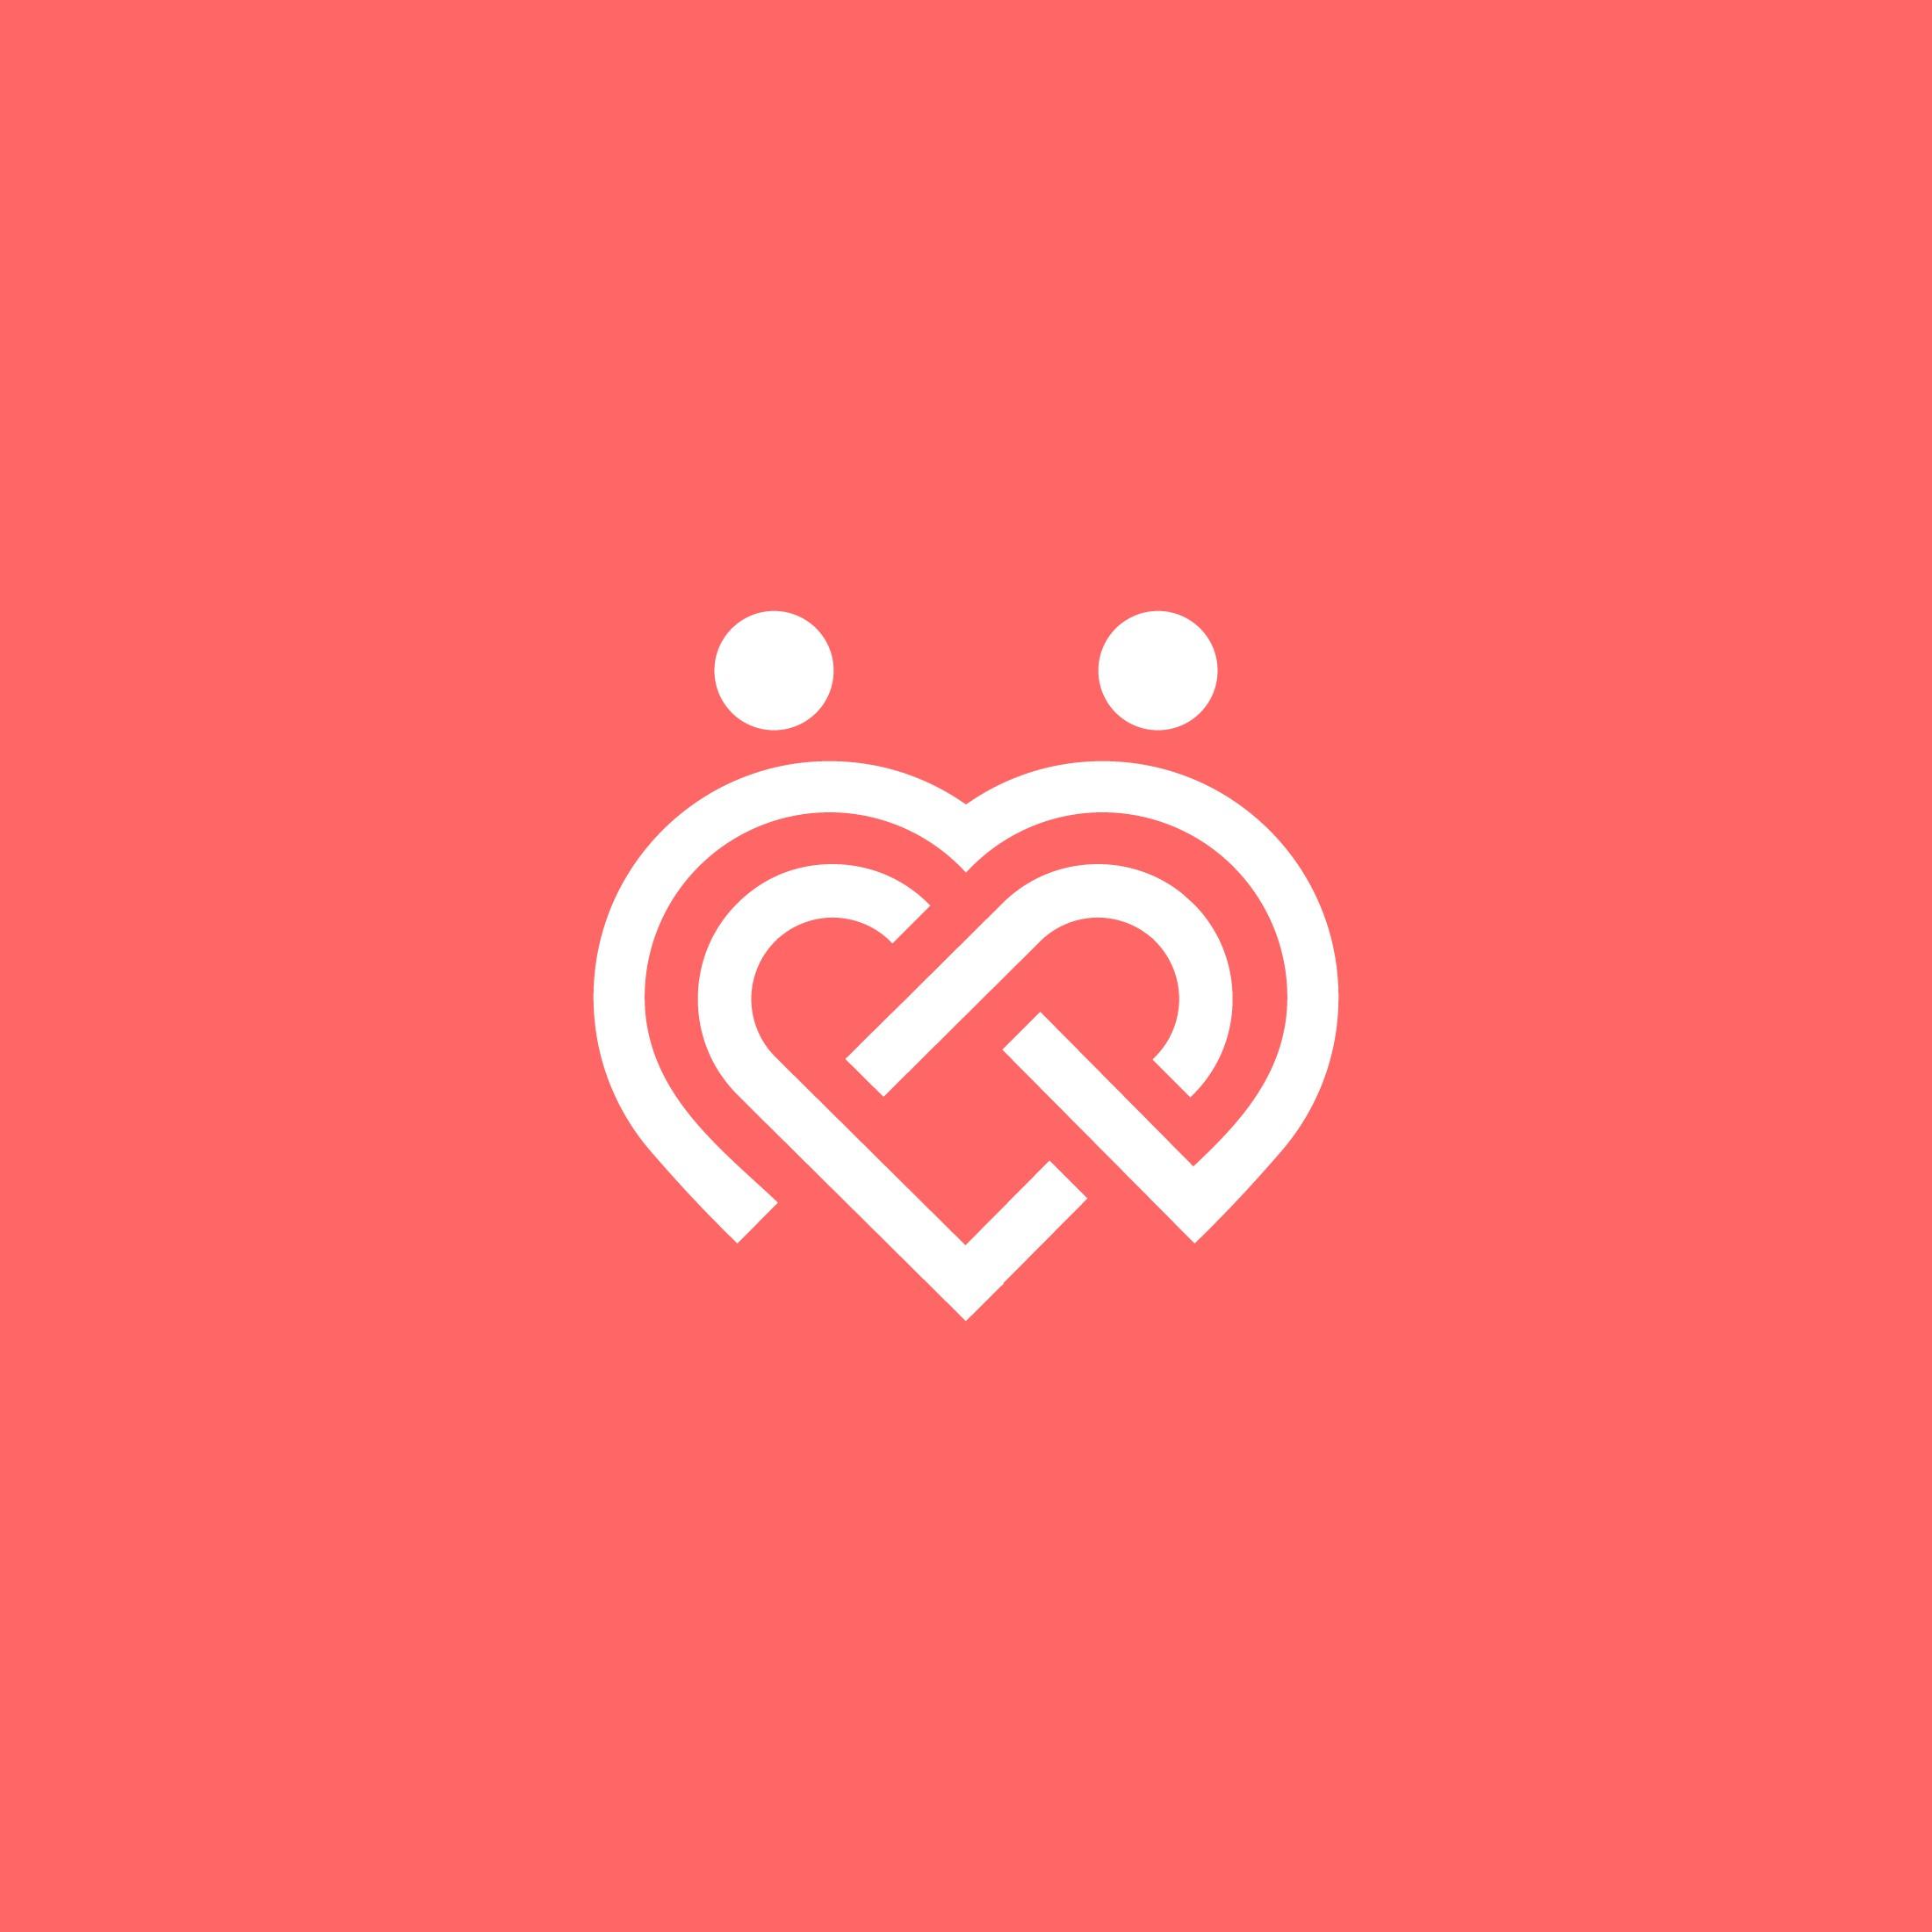 Actions Matter Logo 37